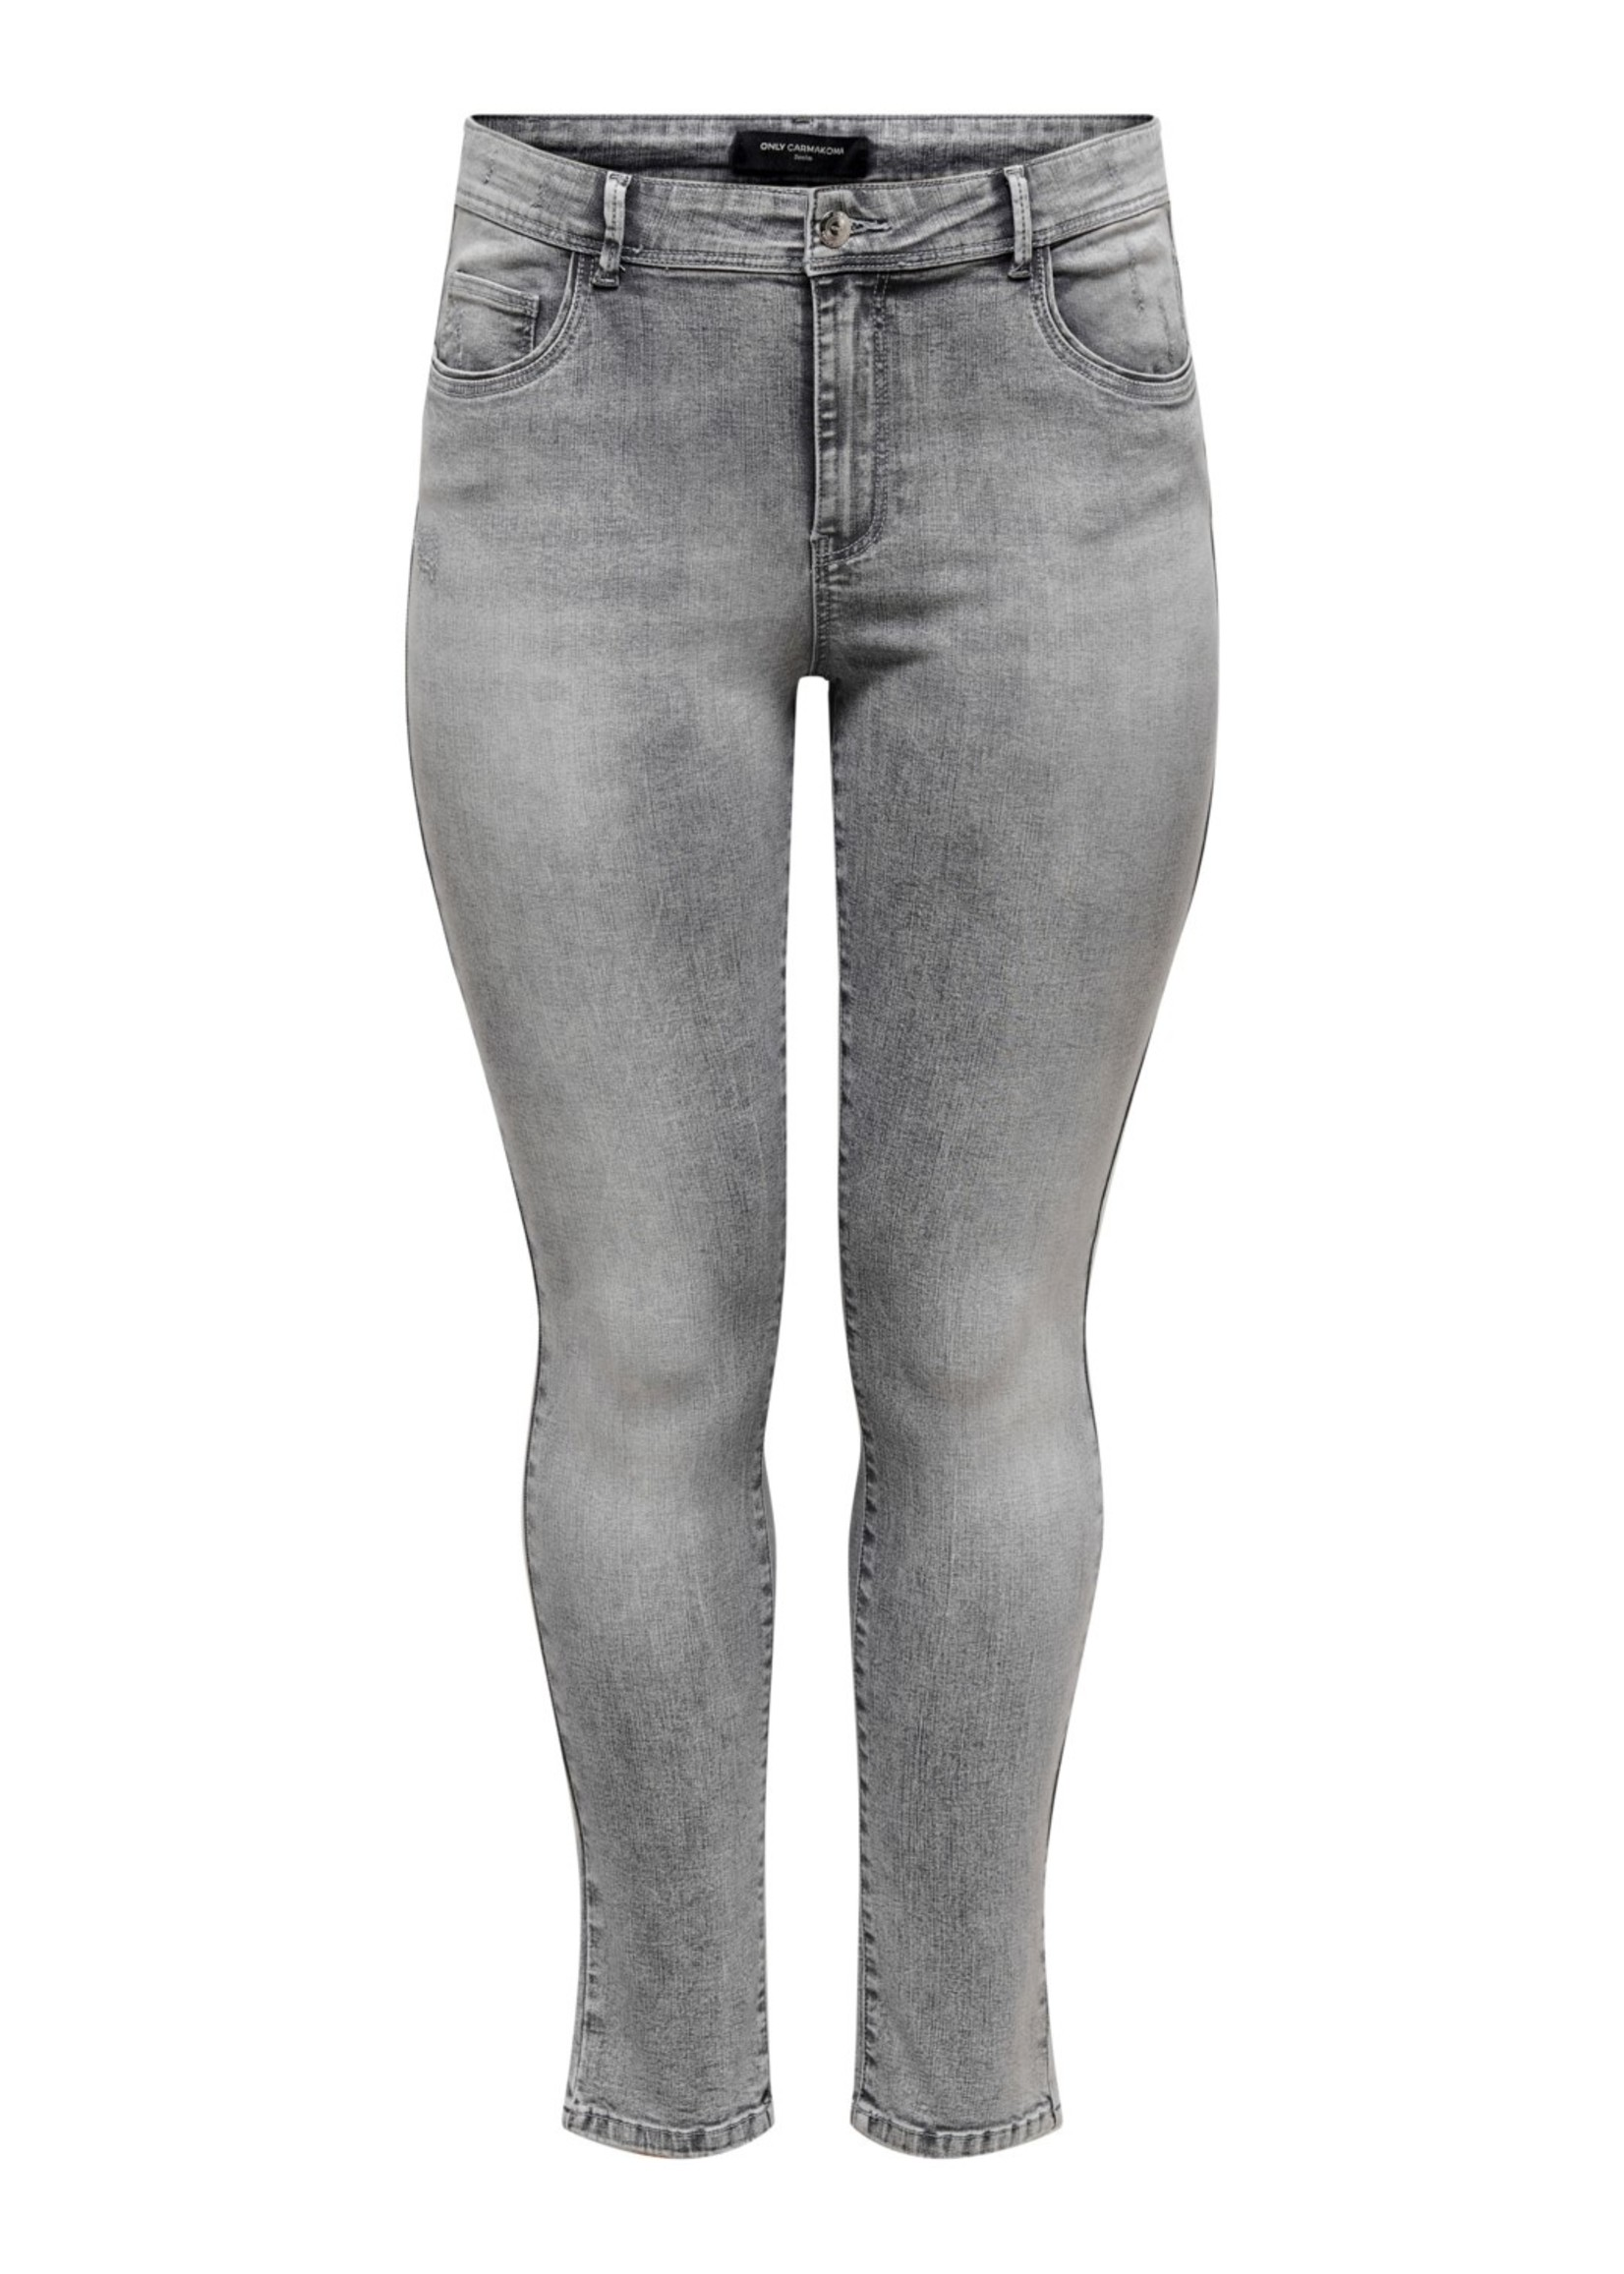 Only Carmakoma Only Carmakoma Sally Jeans Grey